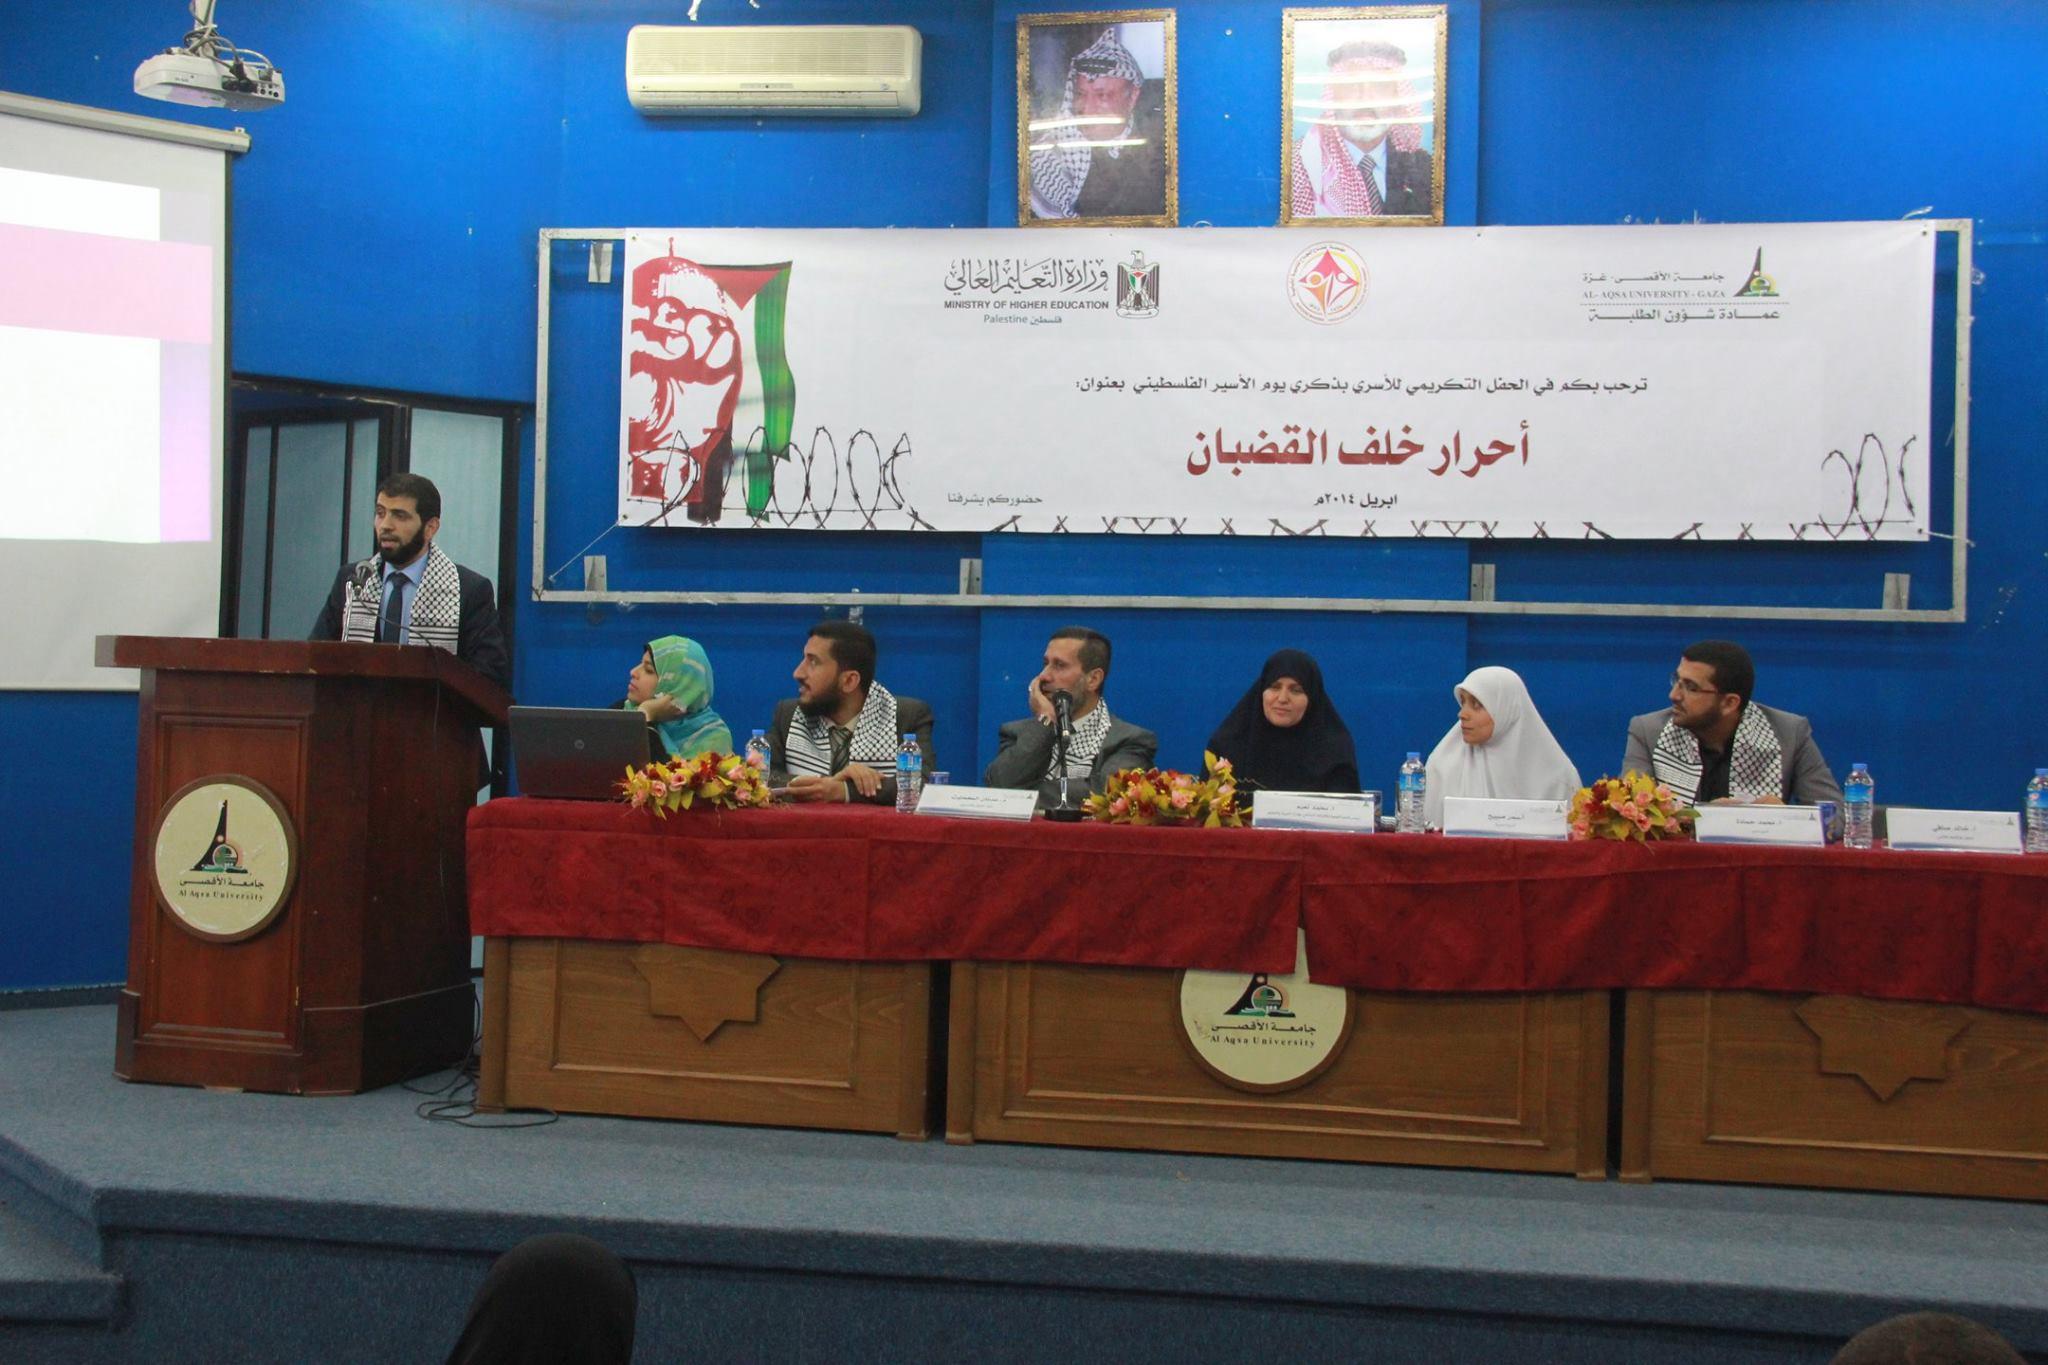 2014-4-24 مؤتمر أحرار خلف القضبان - جامعة الأقصى